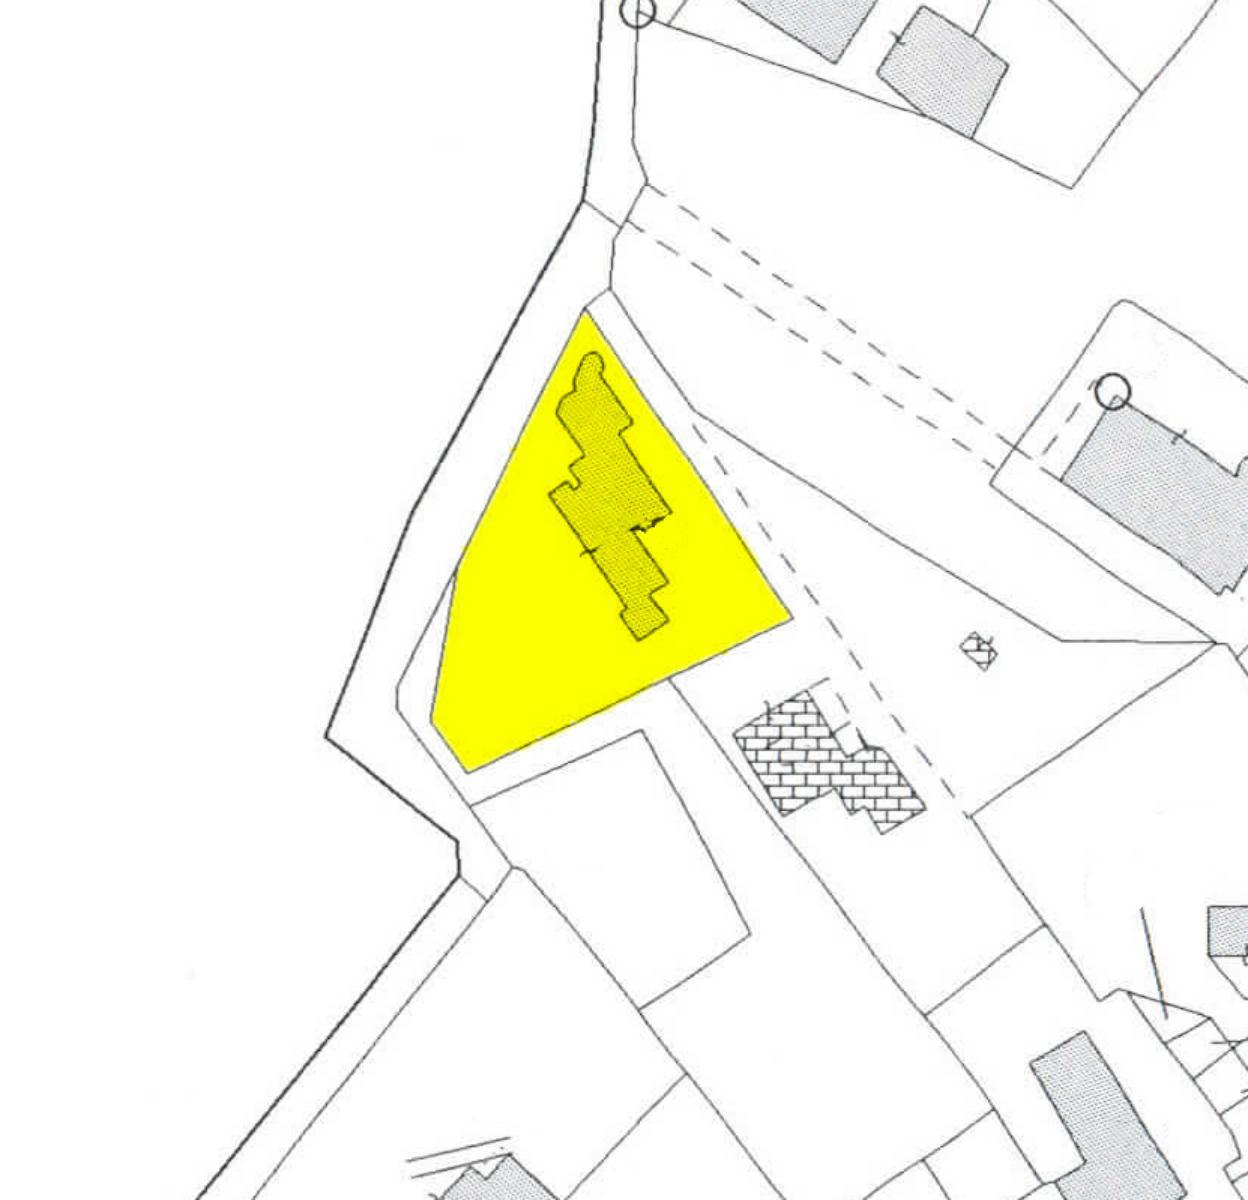 Vendita villa – Contrada Coppolicchio (Viale San Donato), Fasano (Brindisi)